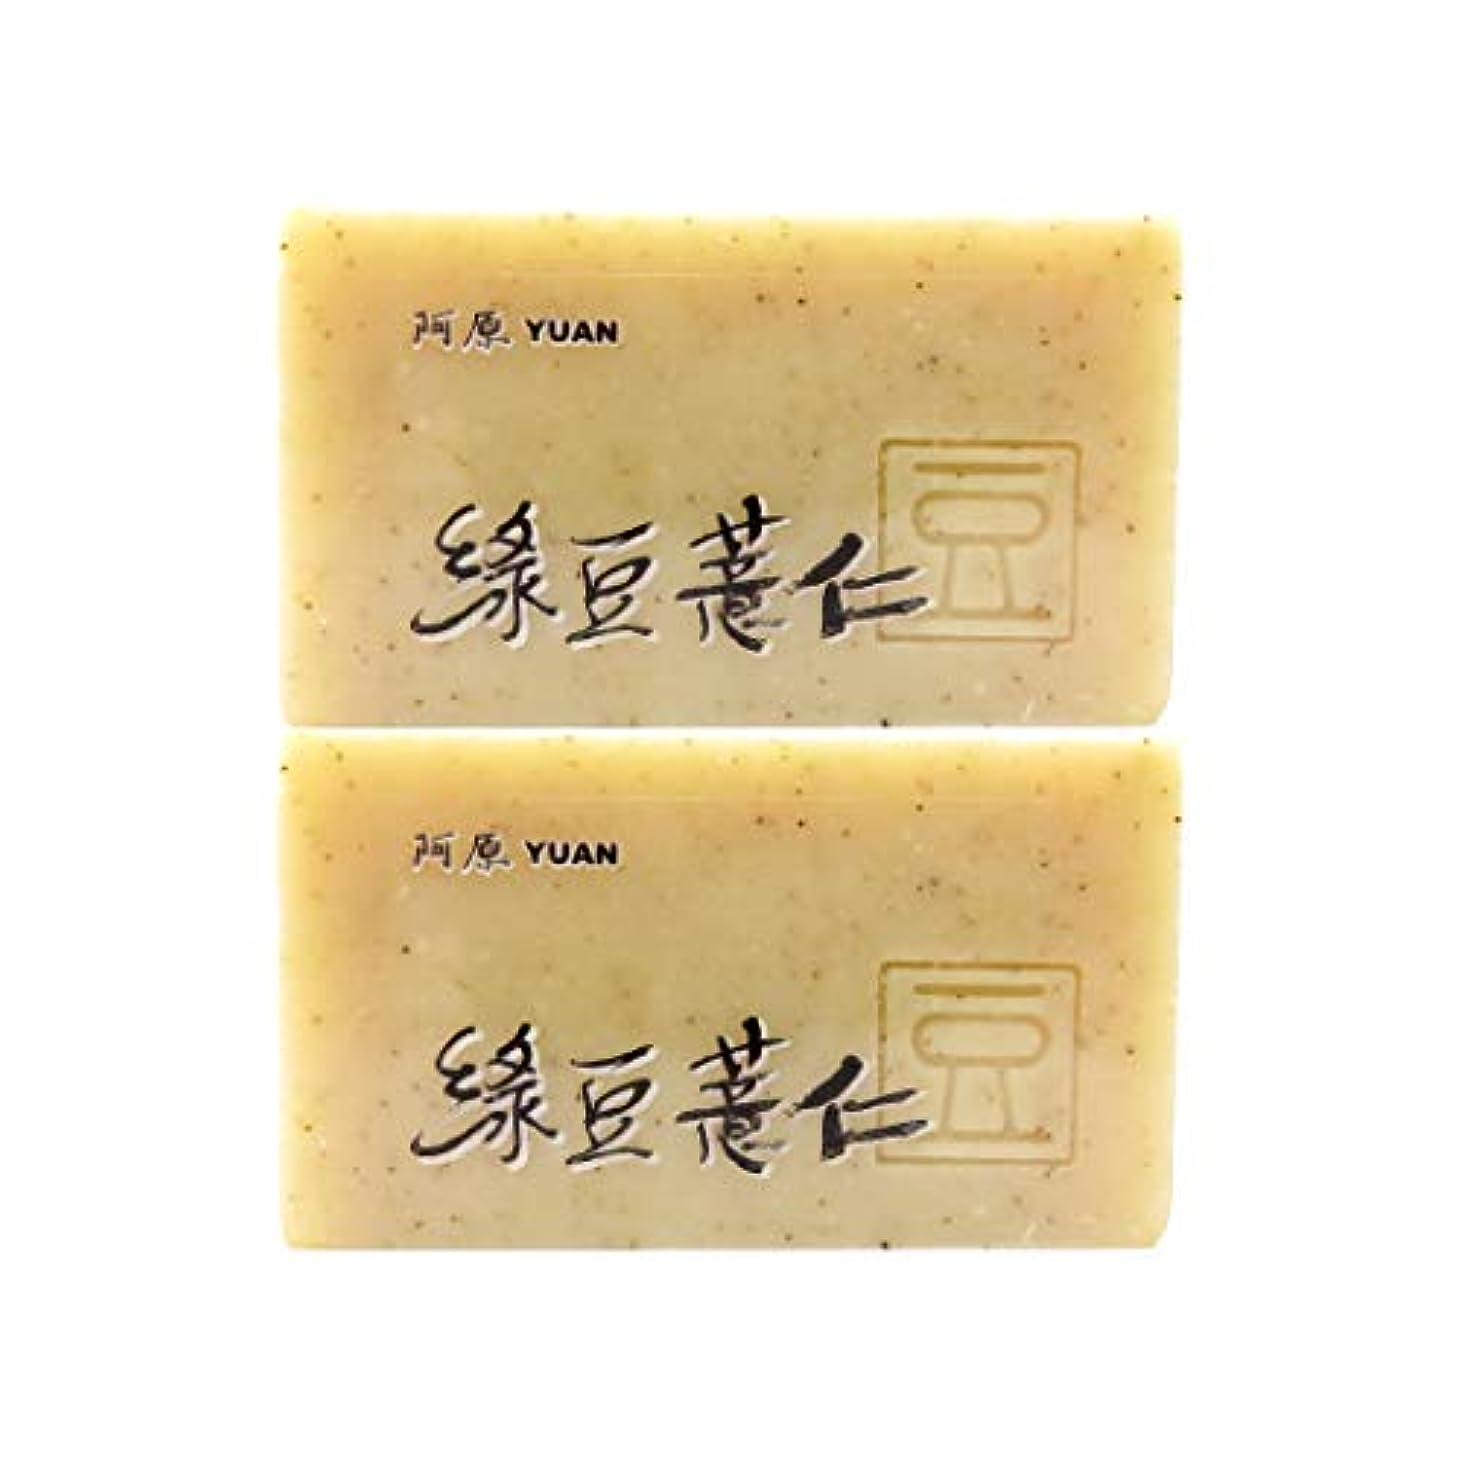 素晴らしい家事をする競争ユアン(YUAN) ハトムギ+リョクトウソープ 100g (2個セット)